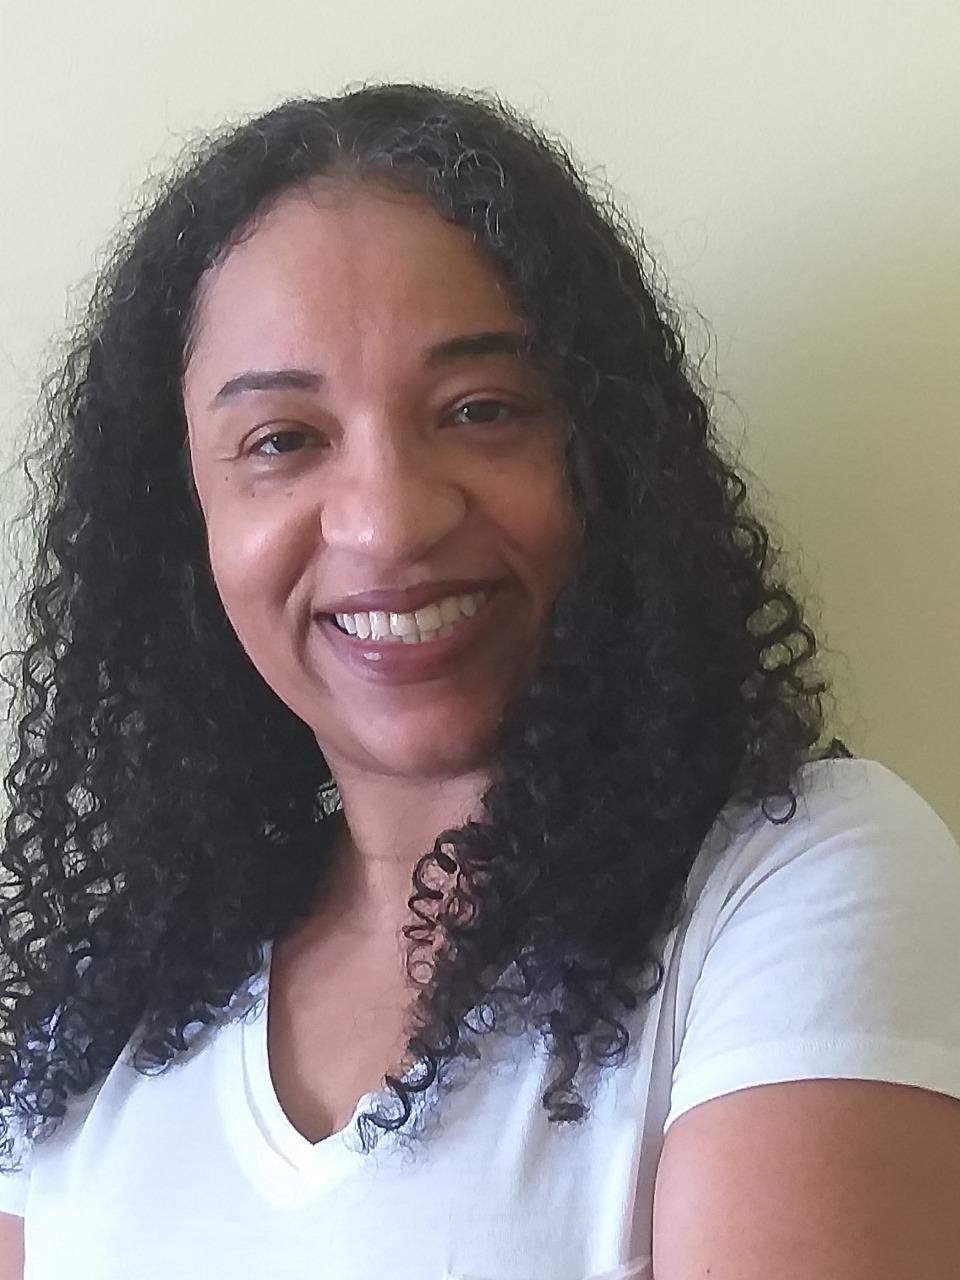 Encontro Literário Orí reunirá nomes da cultura afro religiosa